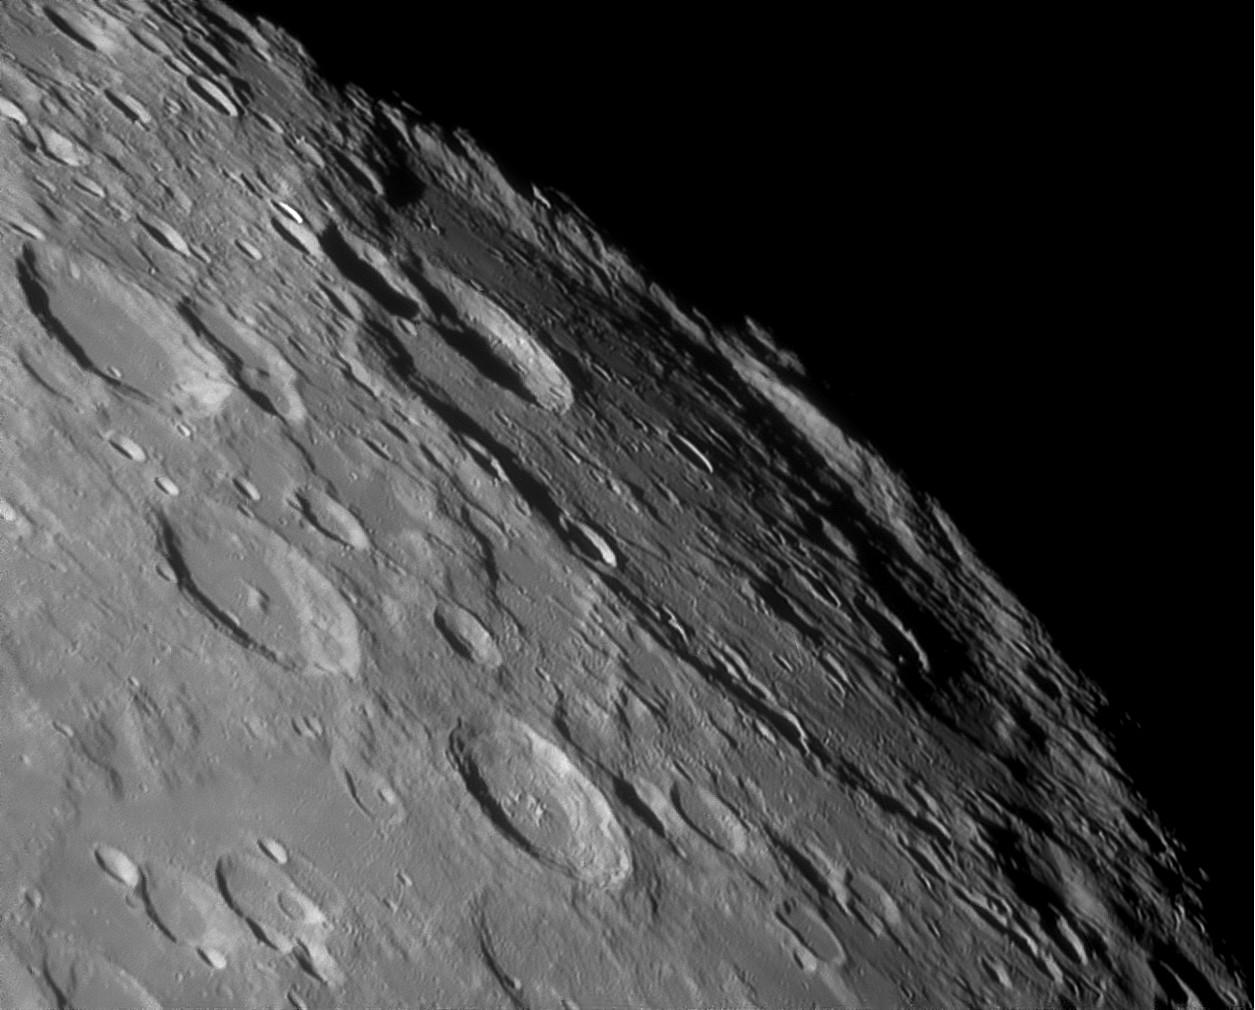 Поверхность Луны моложе чем считалось доэтого,— ученые